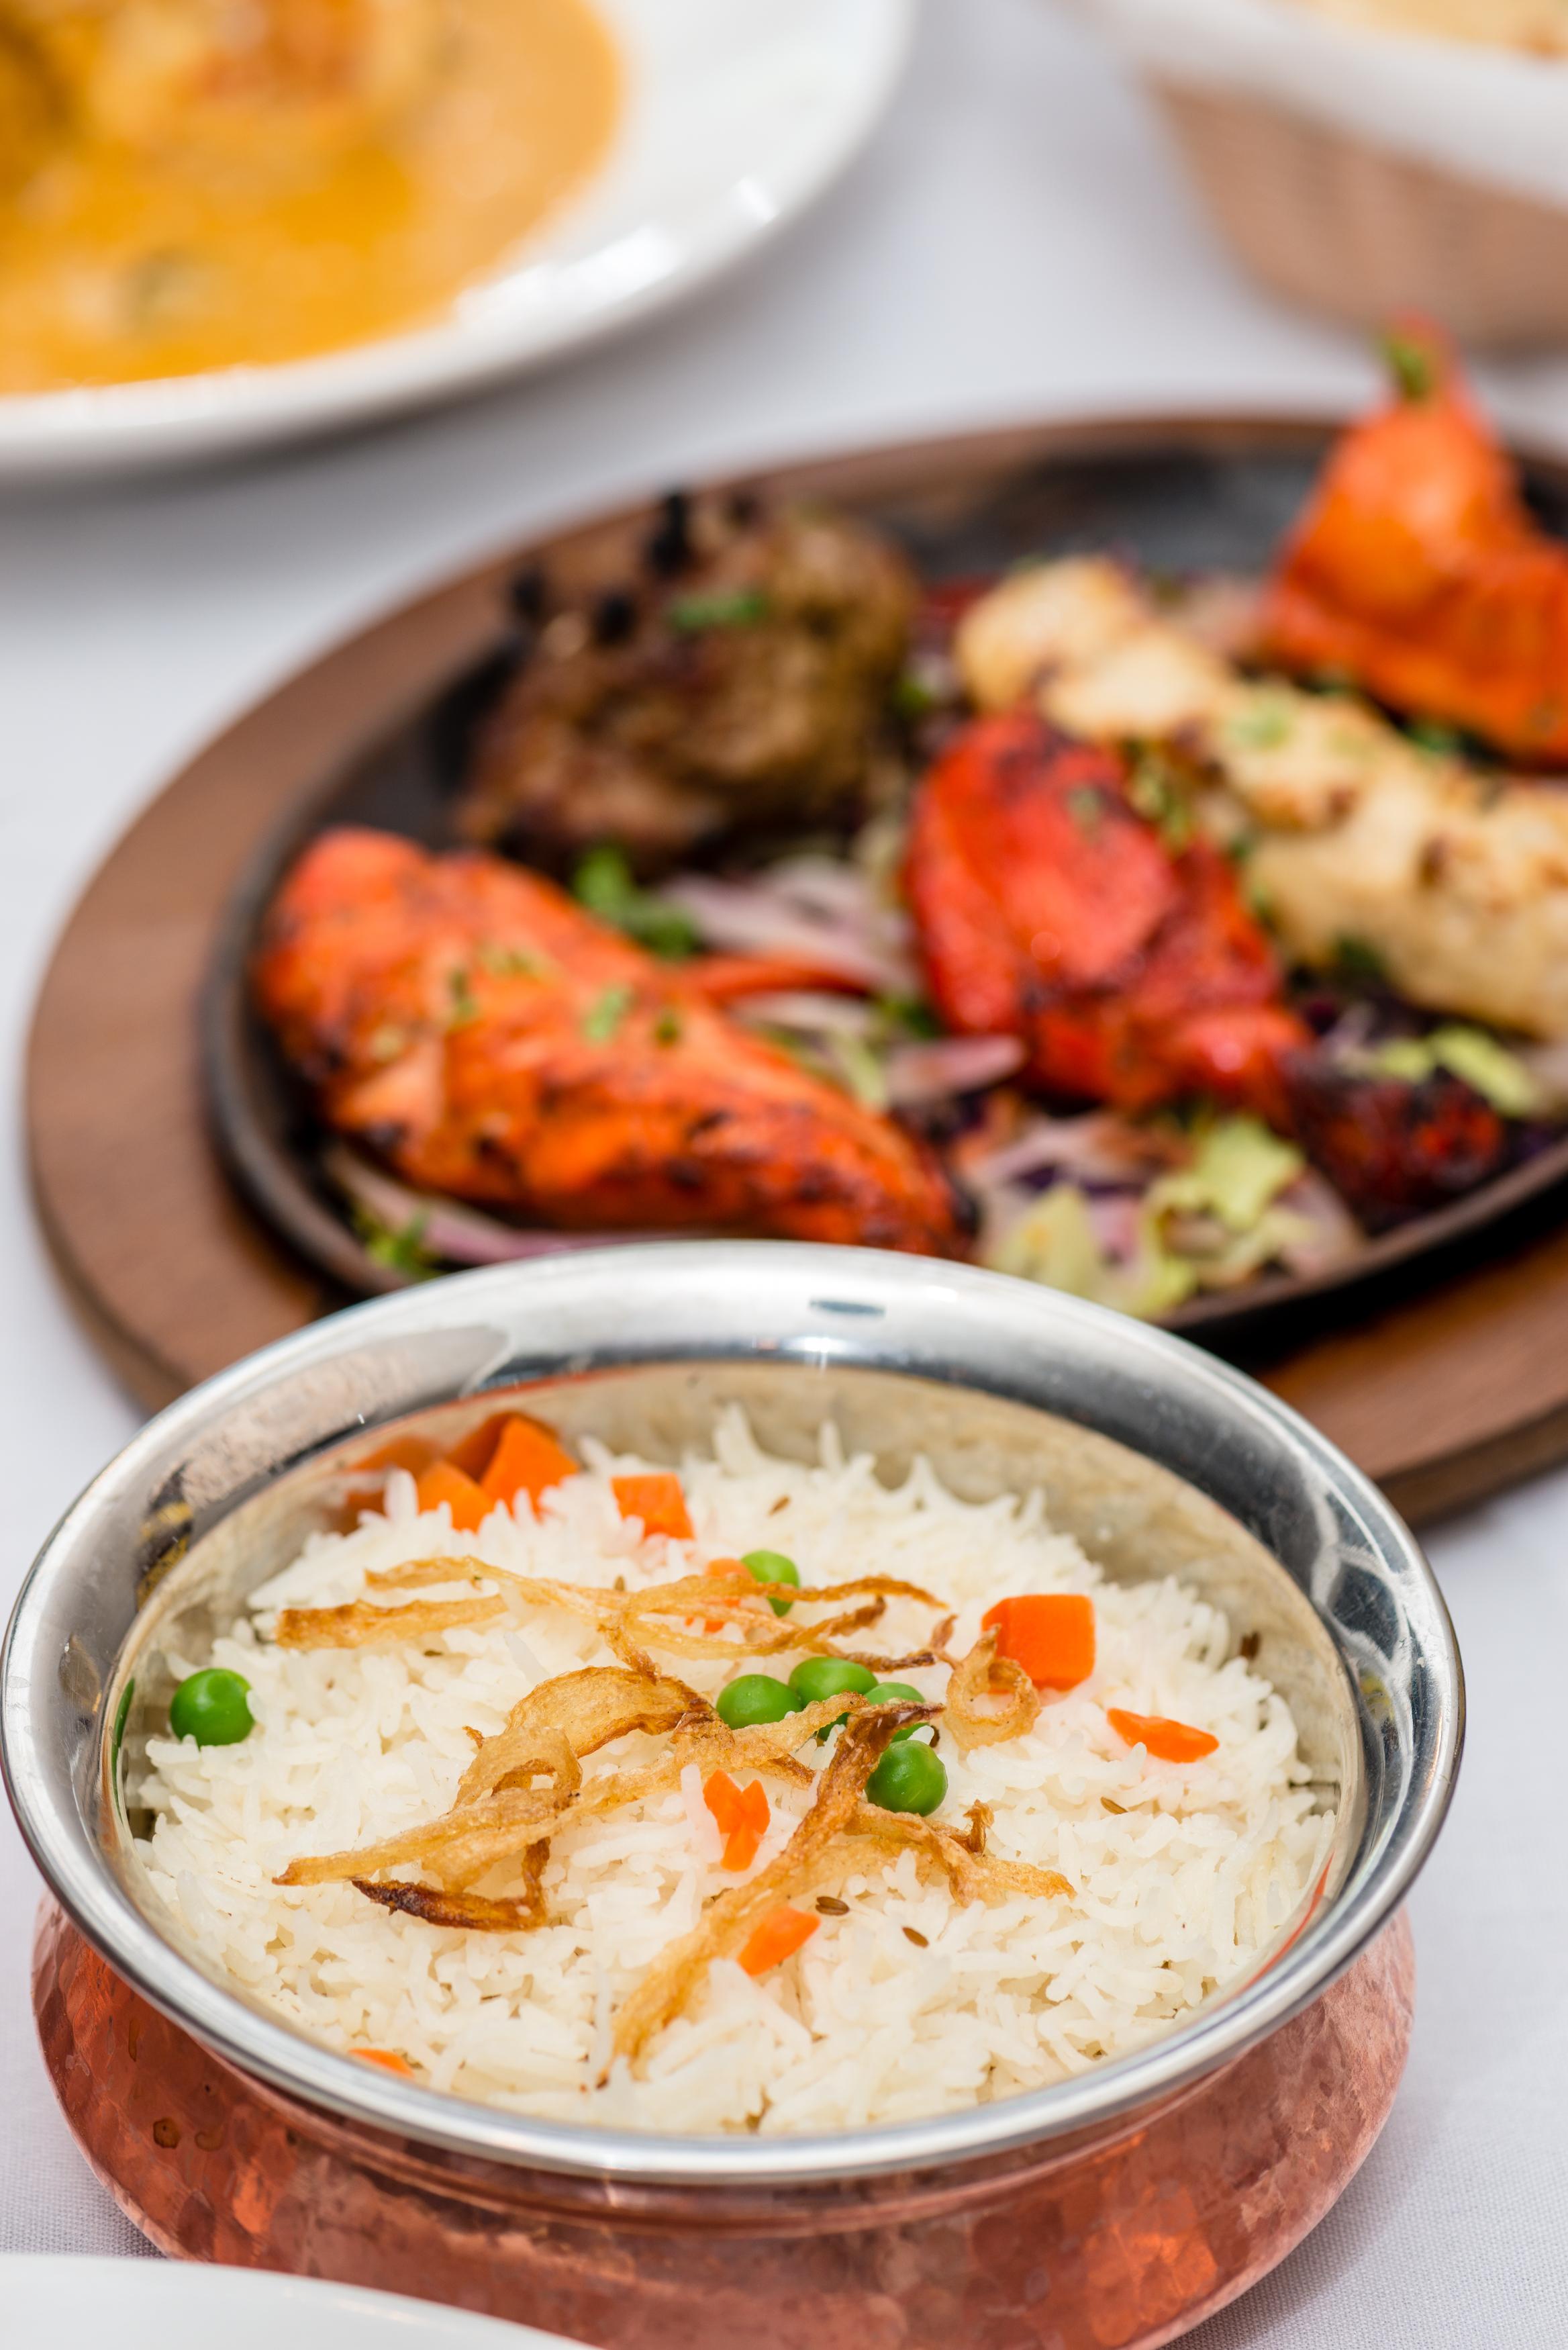 Basmati Rice and Mixed Kabobs